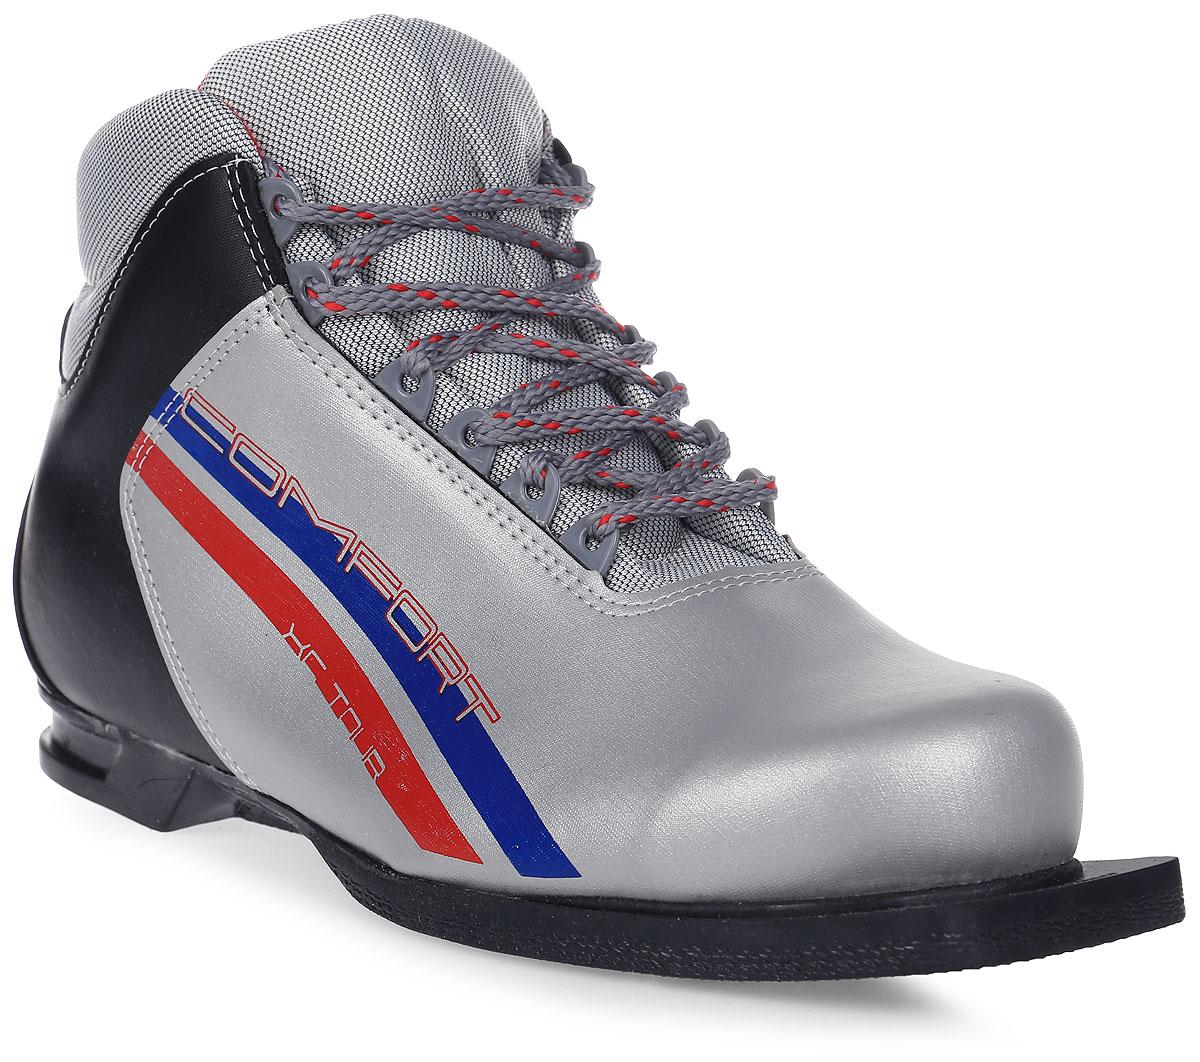 Ботинки лыжные Marax, цвет: серебристый, синий, черный. М350. Размер 45